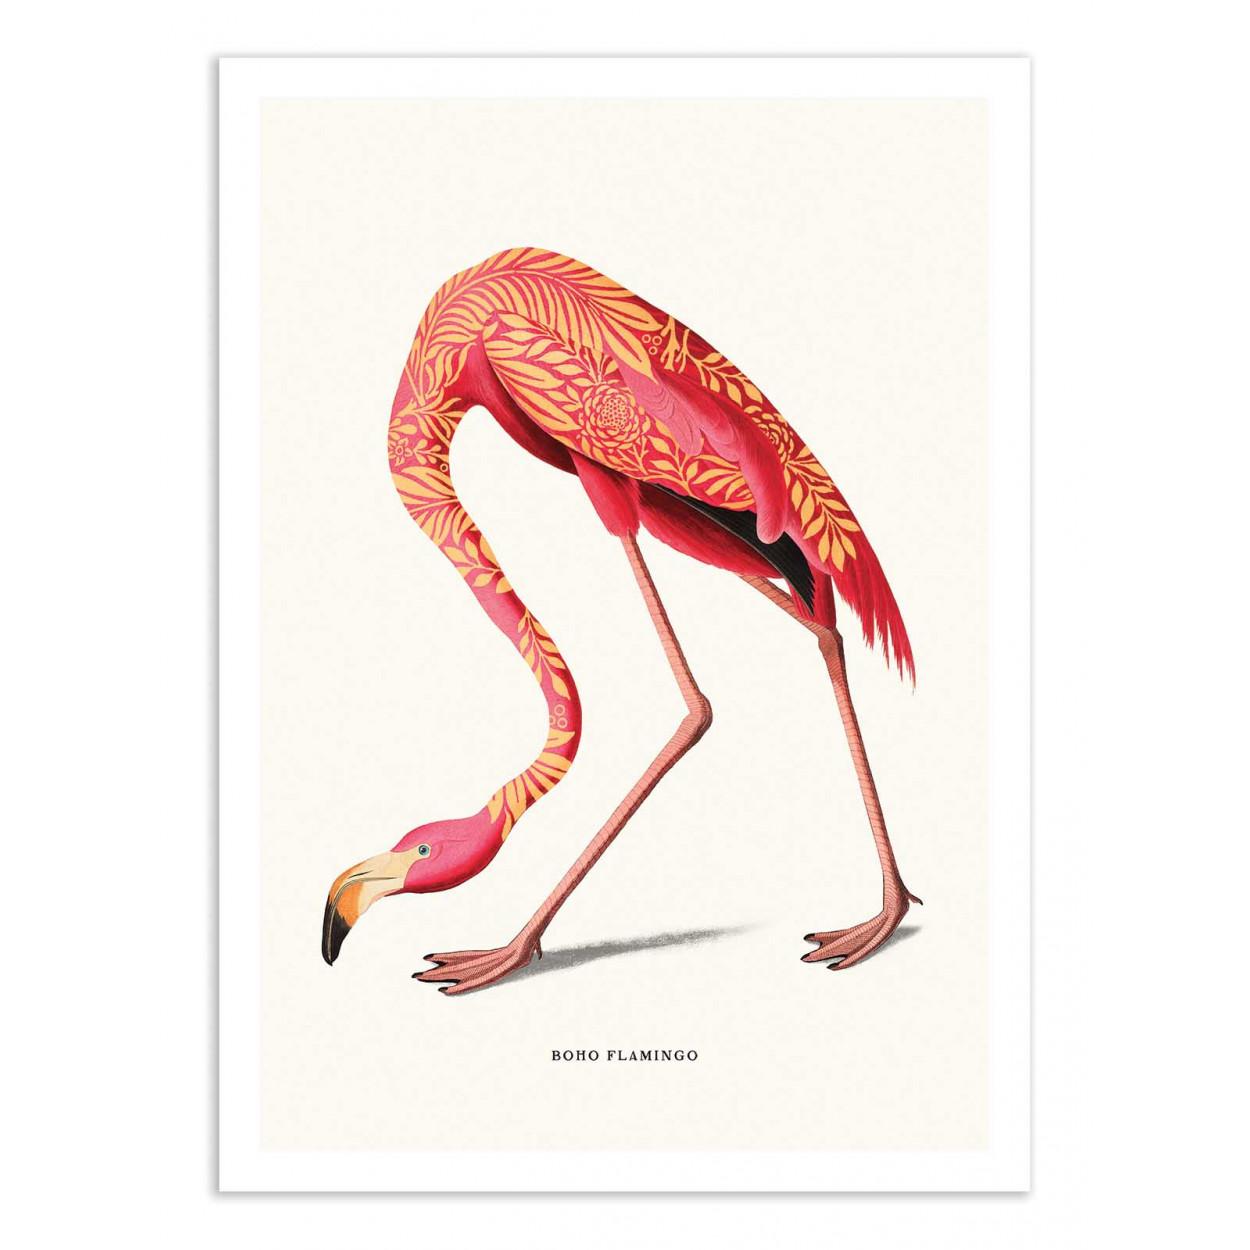 BOHO FLAMINGO -  Affiche d'art 50 x 70 cm